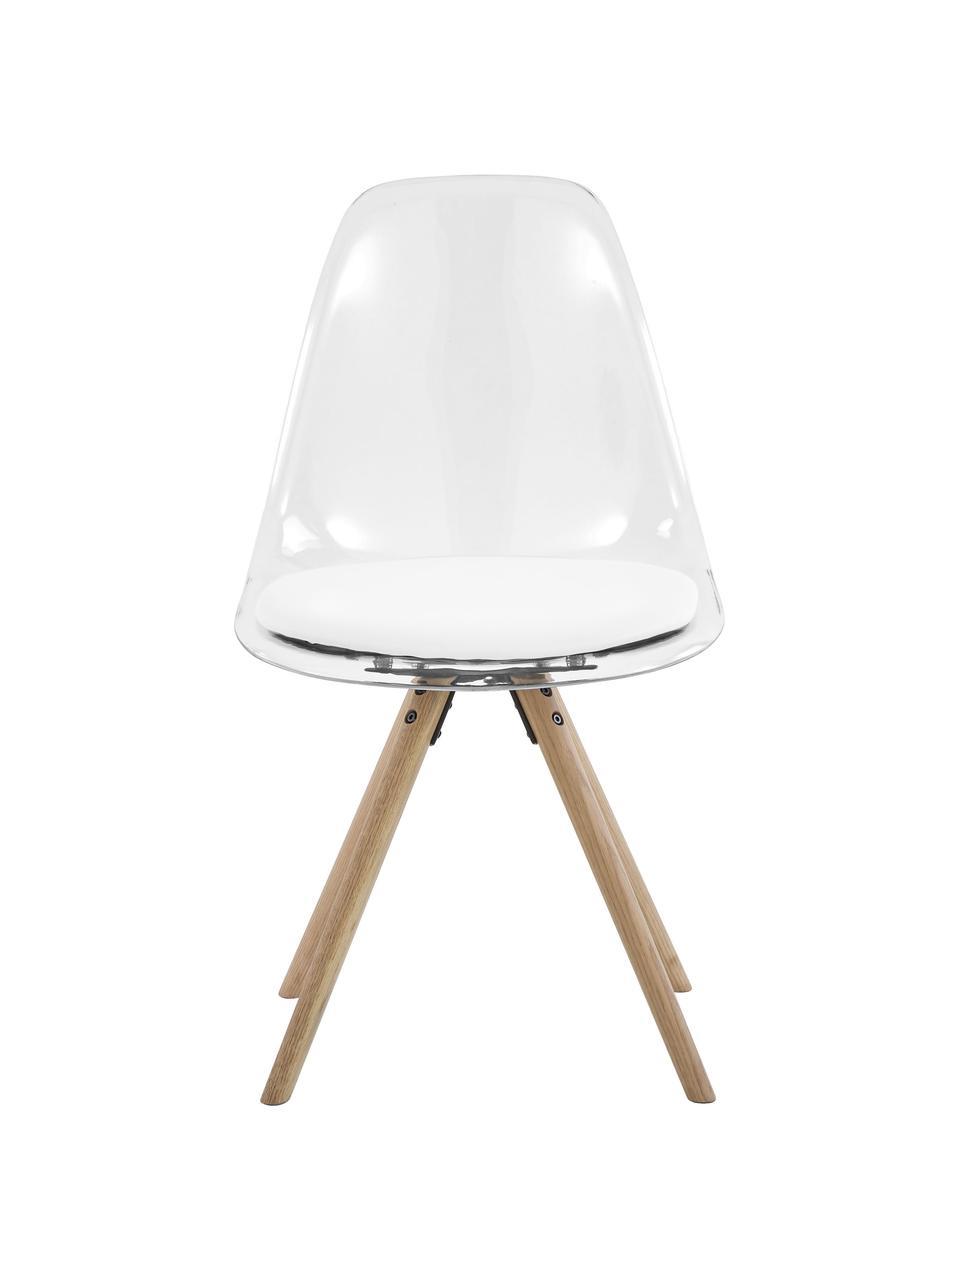 Krzesło z tworzywa sztucznego Henning, 2 szt., Tapicerka: sztuczna skóra, Nogi: drewno dębowe, olejowane, Biały, transparentny, drewno dębowe, S 47 x G 53 cm